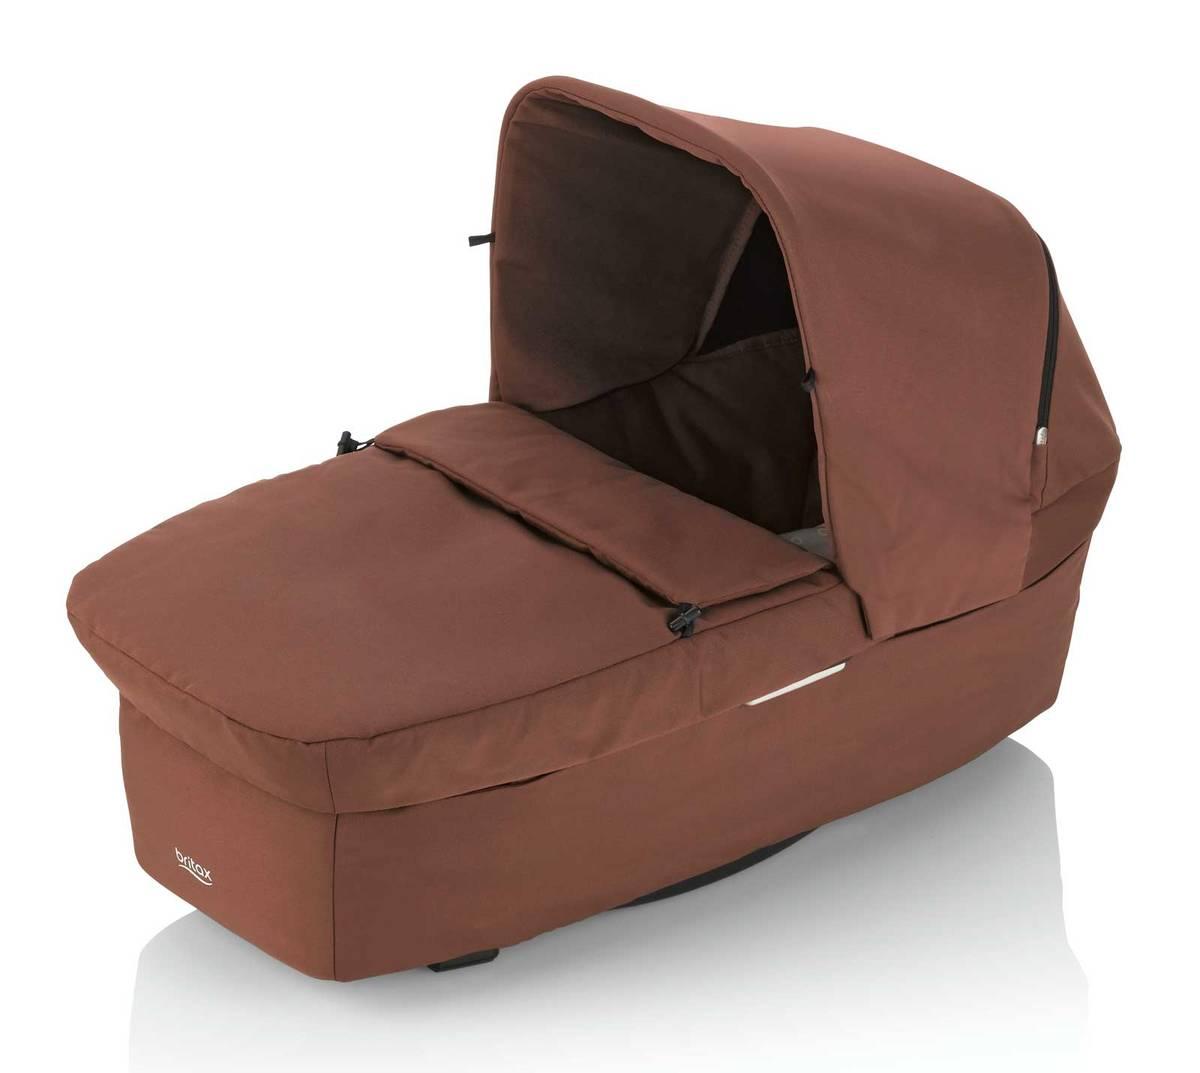 Wood Brown - Vaunukopat - 4000984101 - 2